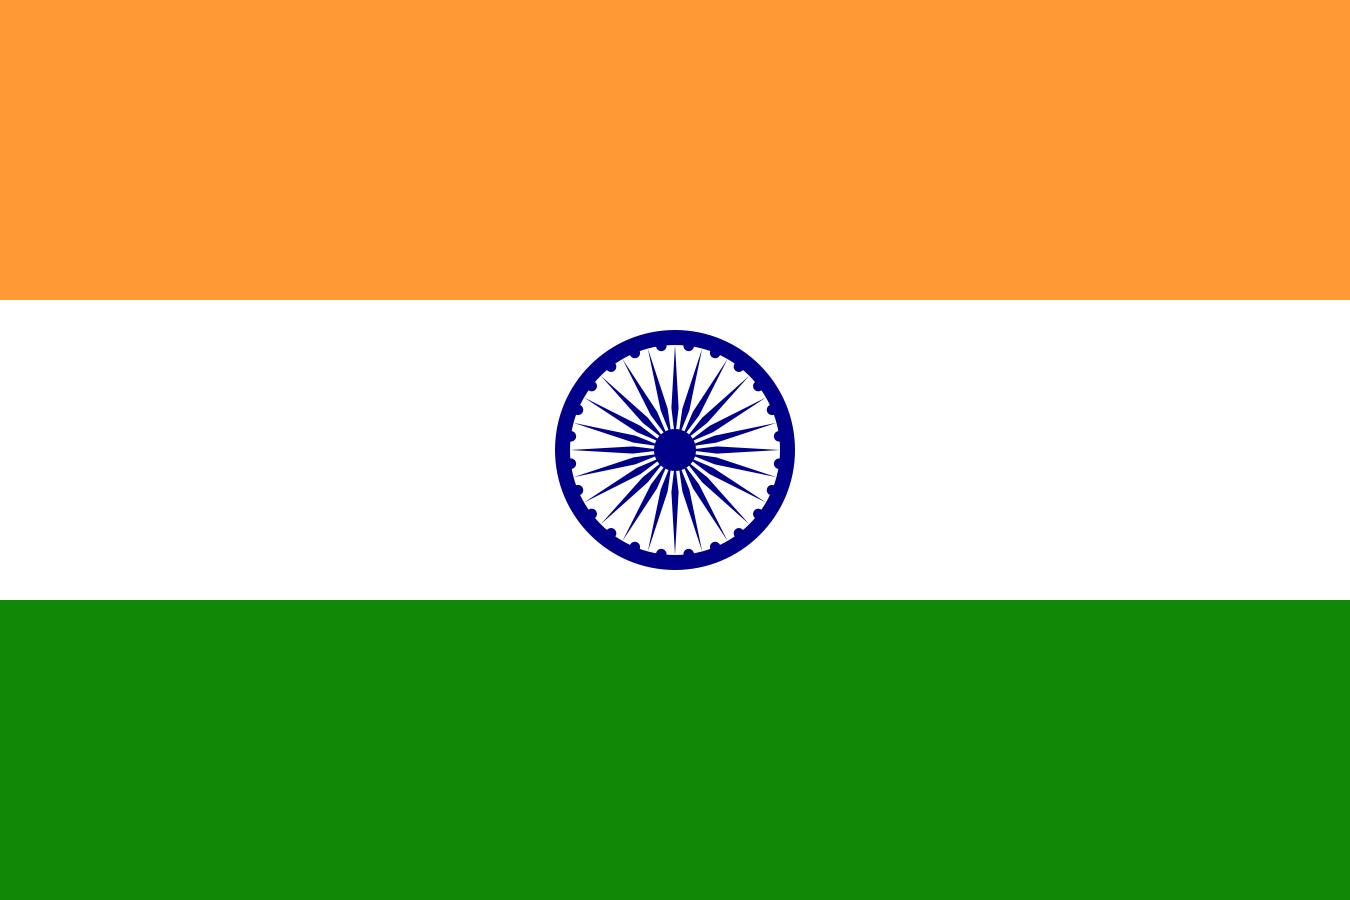 Protecting India's Satellite System – dnaindia.com